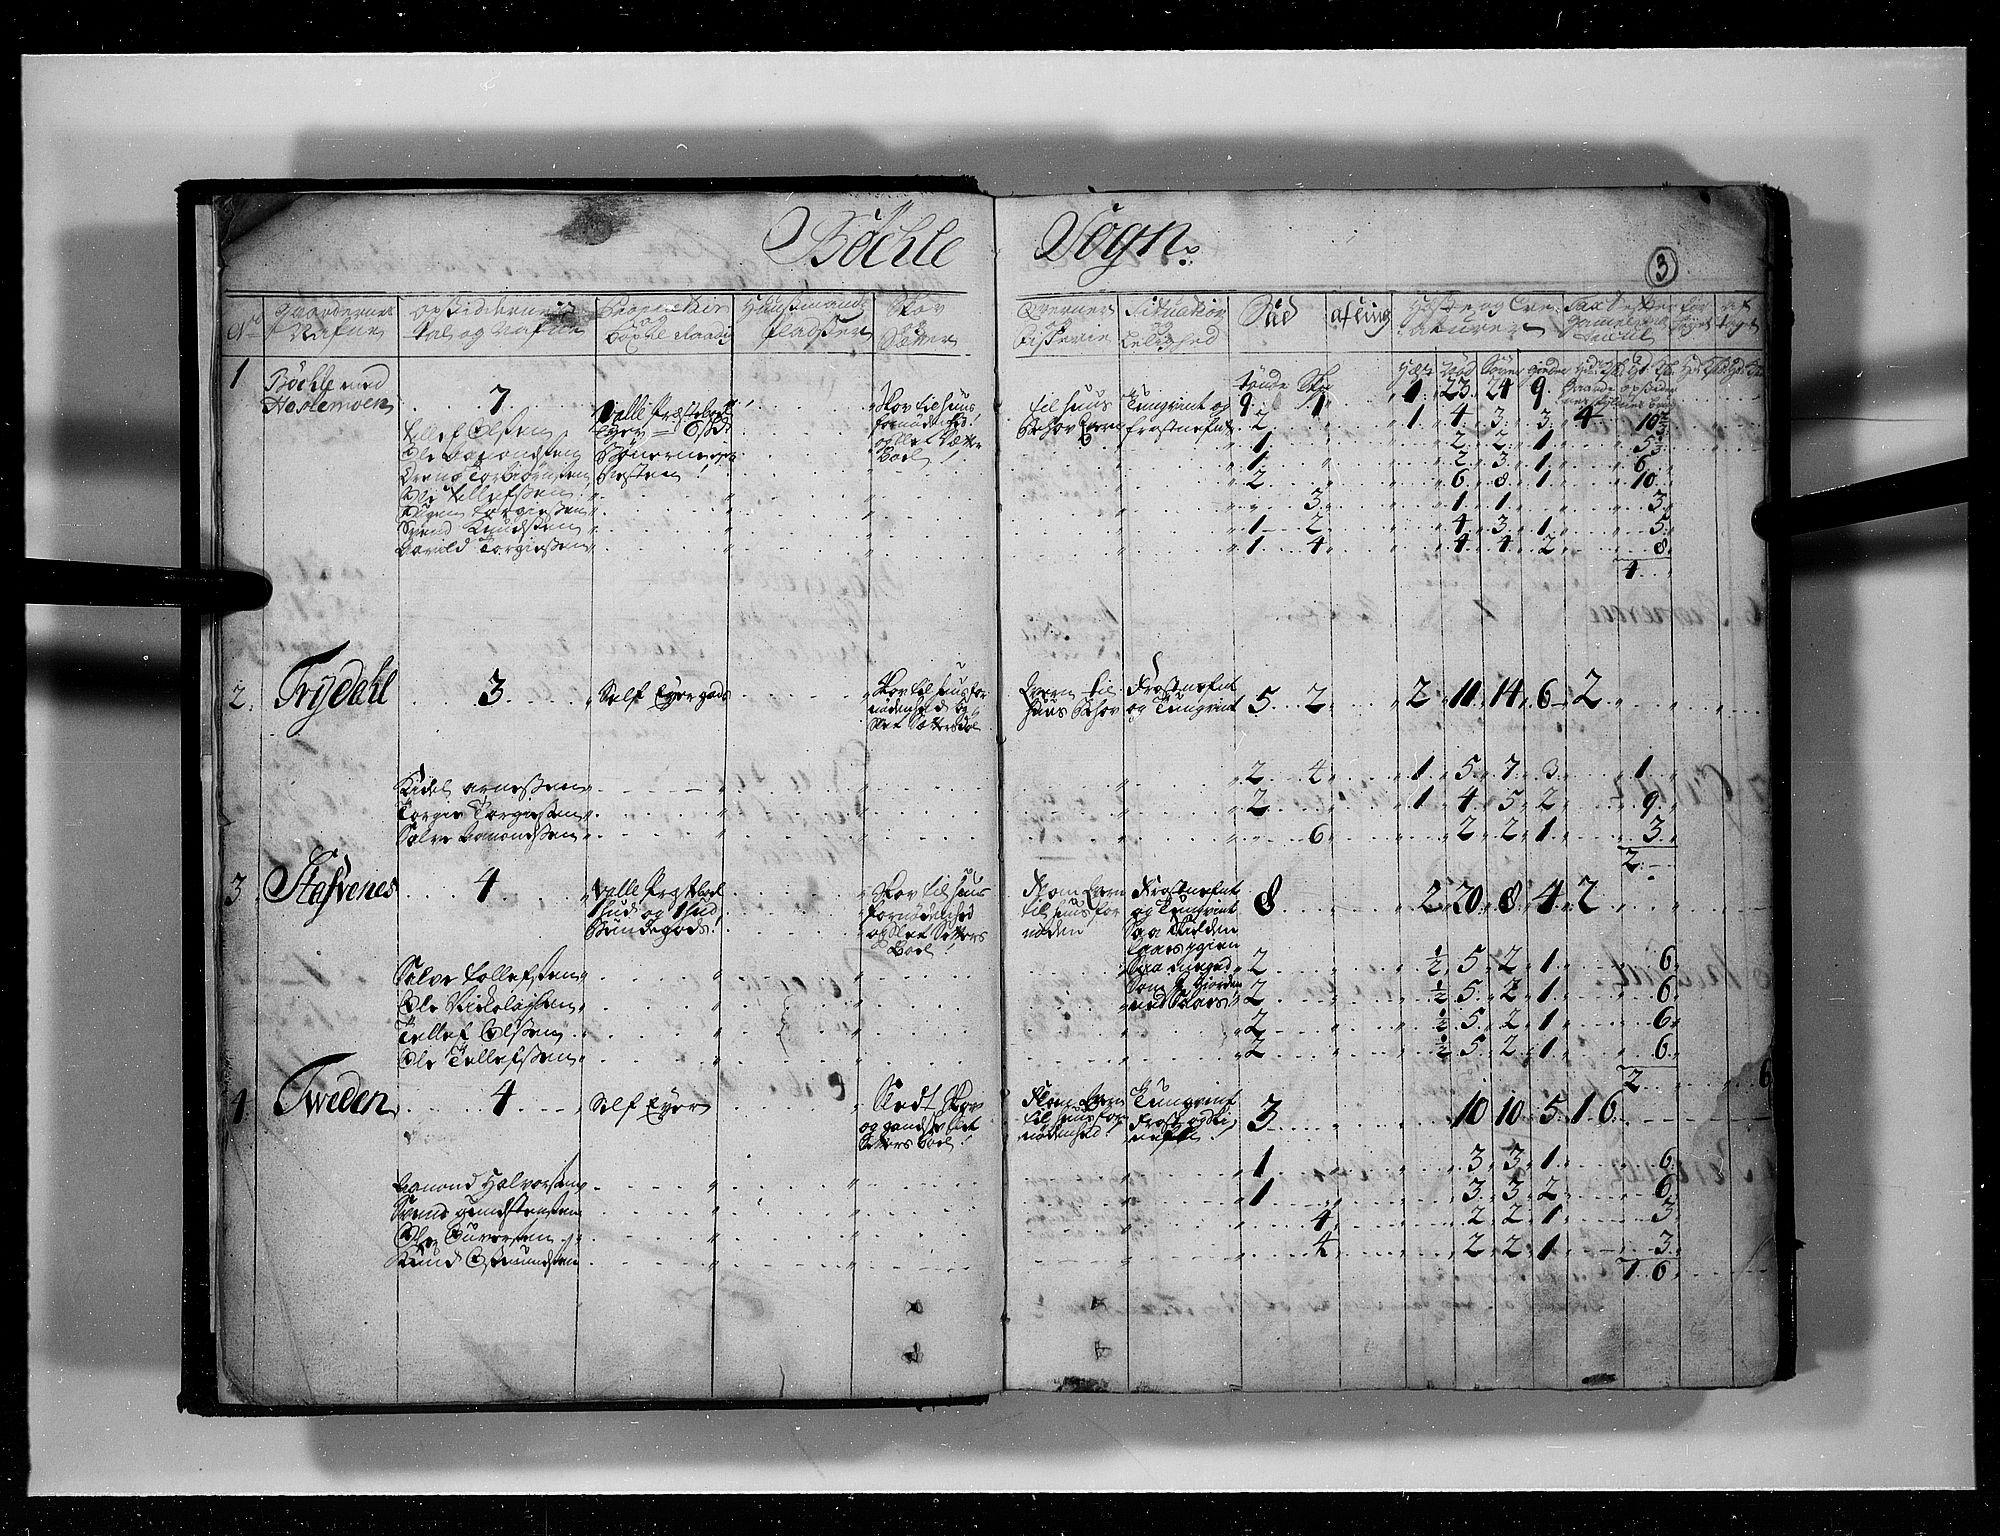 RA, Rentekammeret inntil 1814, Realistisk ordnet avdeling, N/Nb/Nbf/L0125: Råbyggelag eksaminasjonsprotokoll, 1723, s. 2b-3a